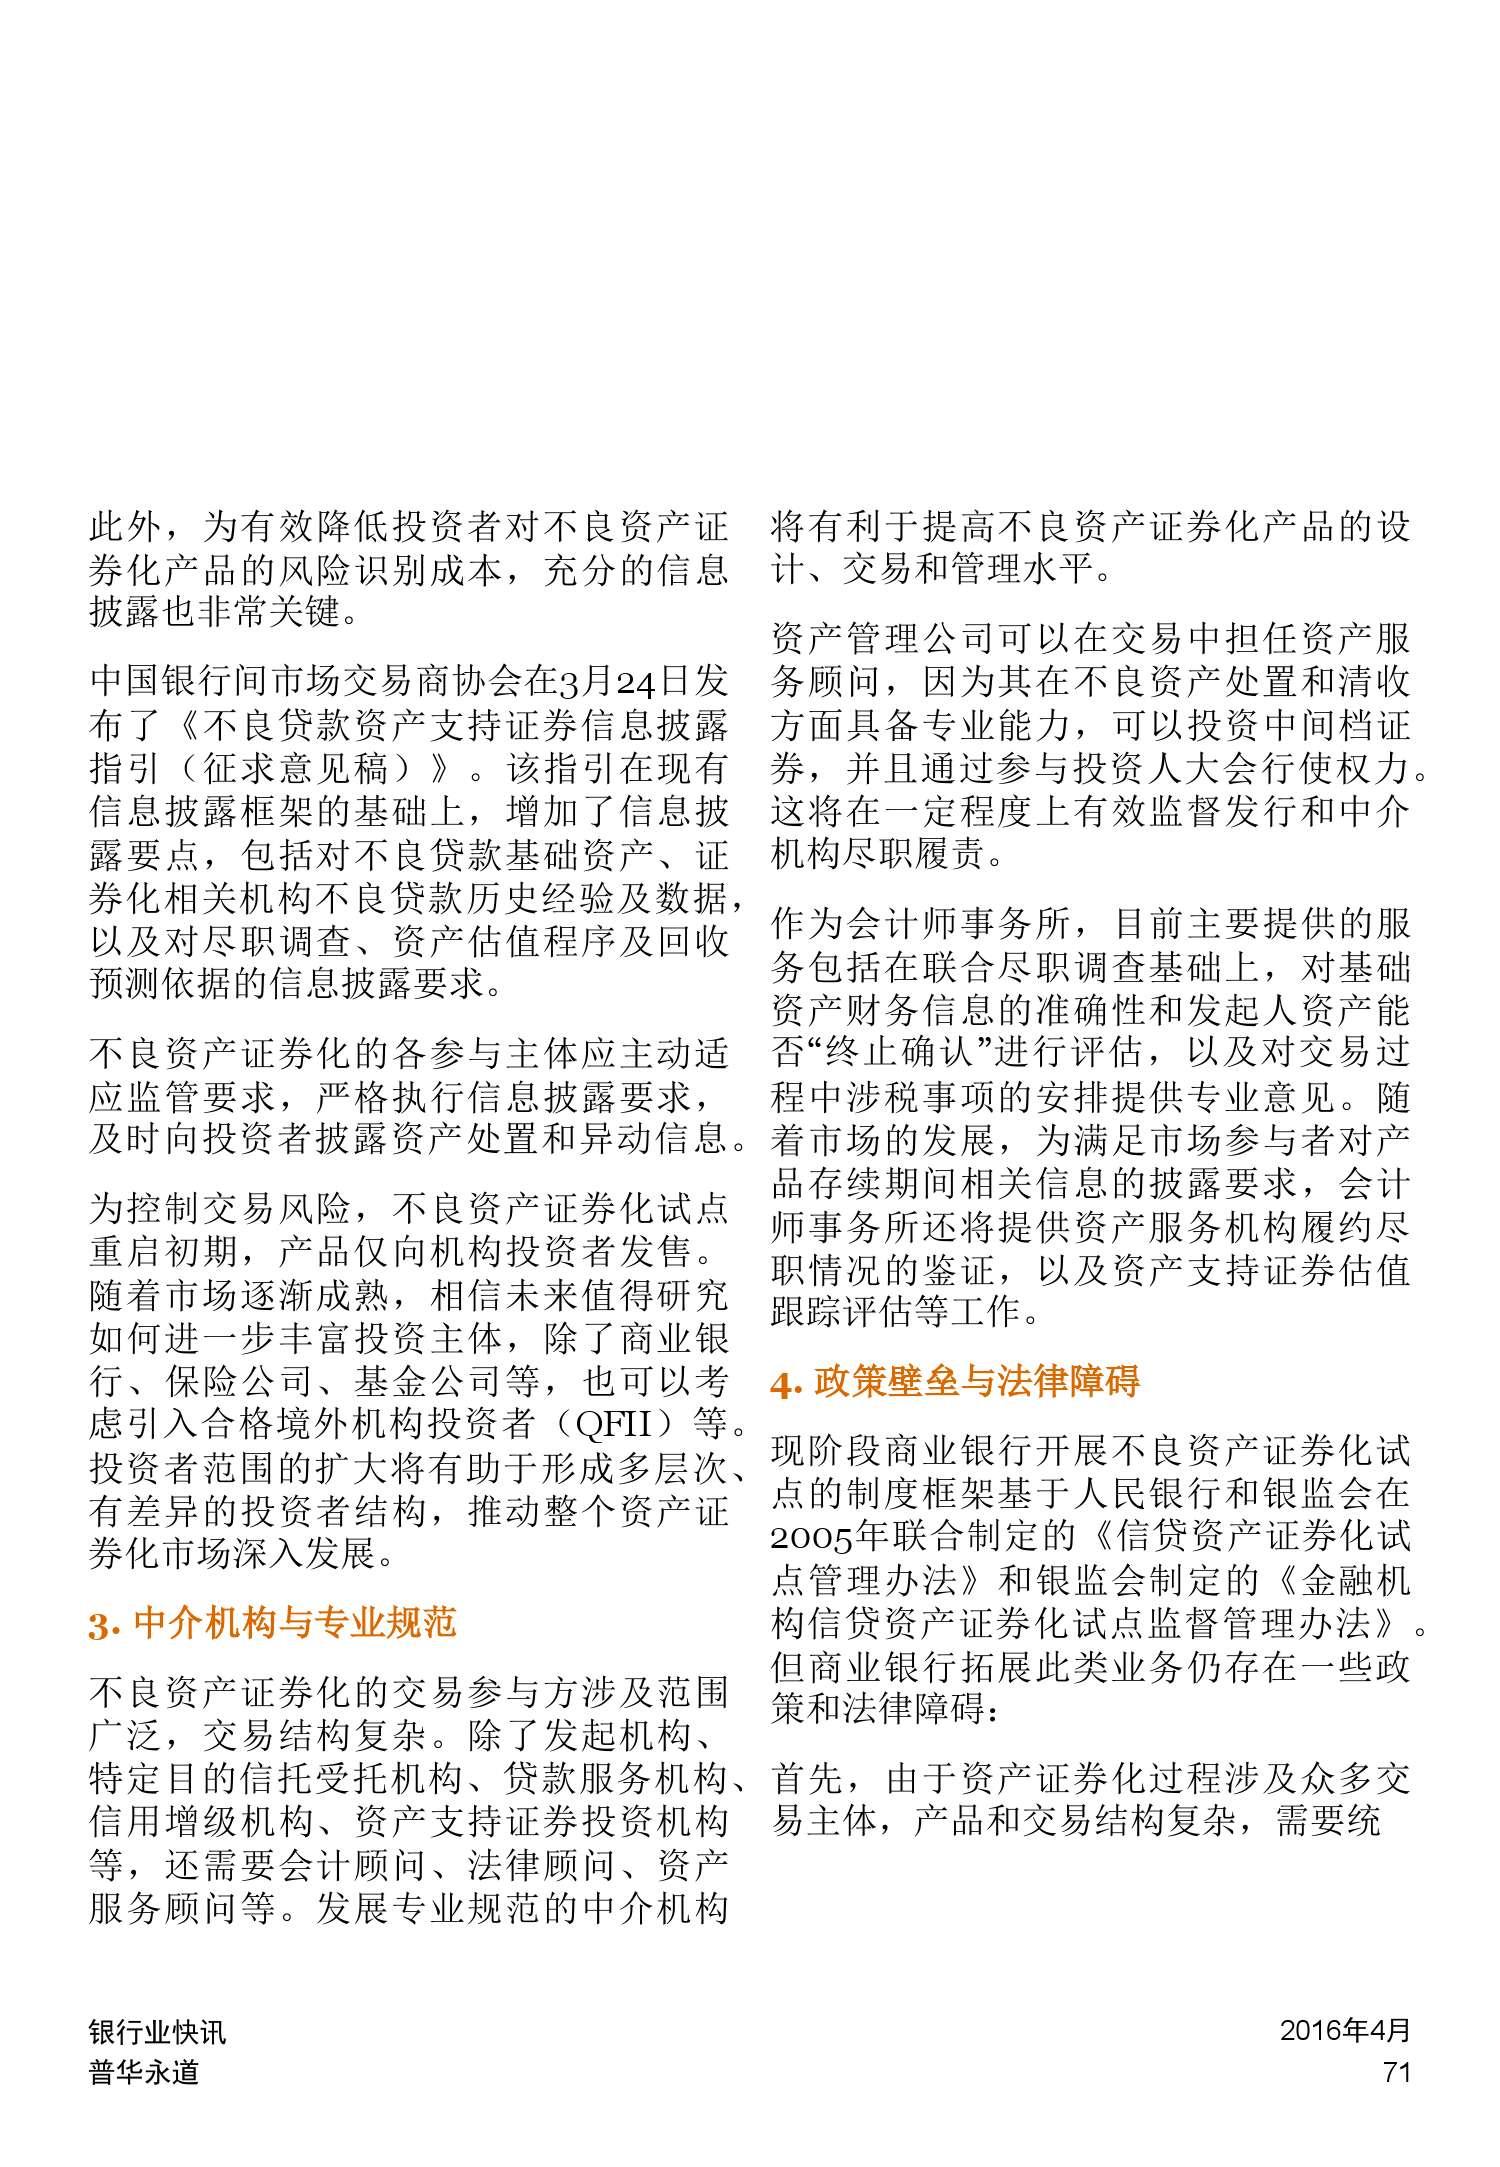 普华永道:2015年中国银行业回顾与展望_000071